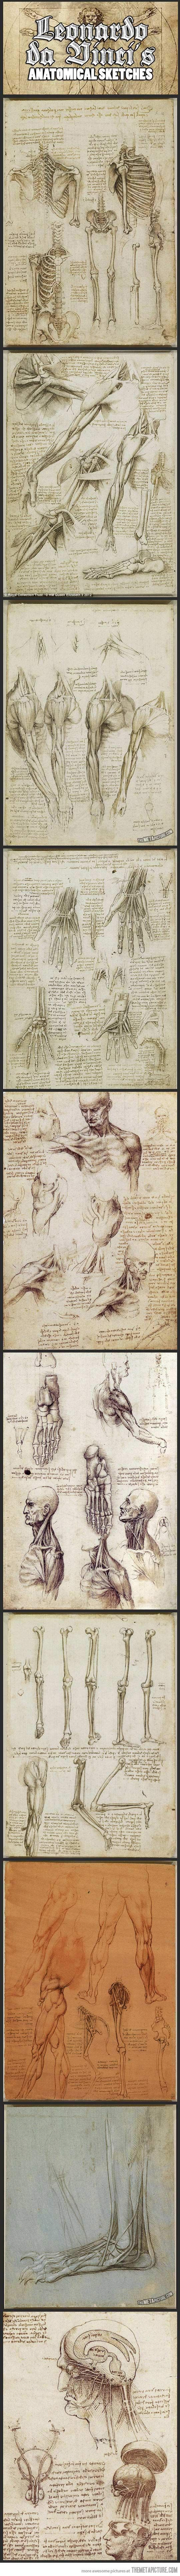 Leonardo da Vinci\'s anatomical sketches… | Pinterest | Sketches ...